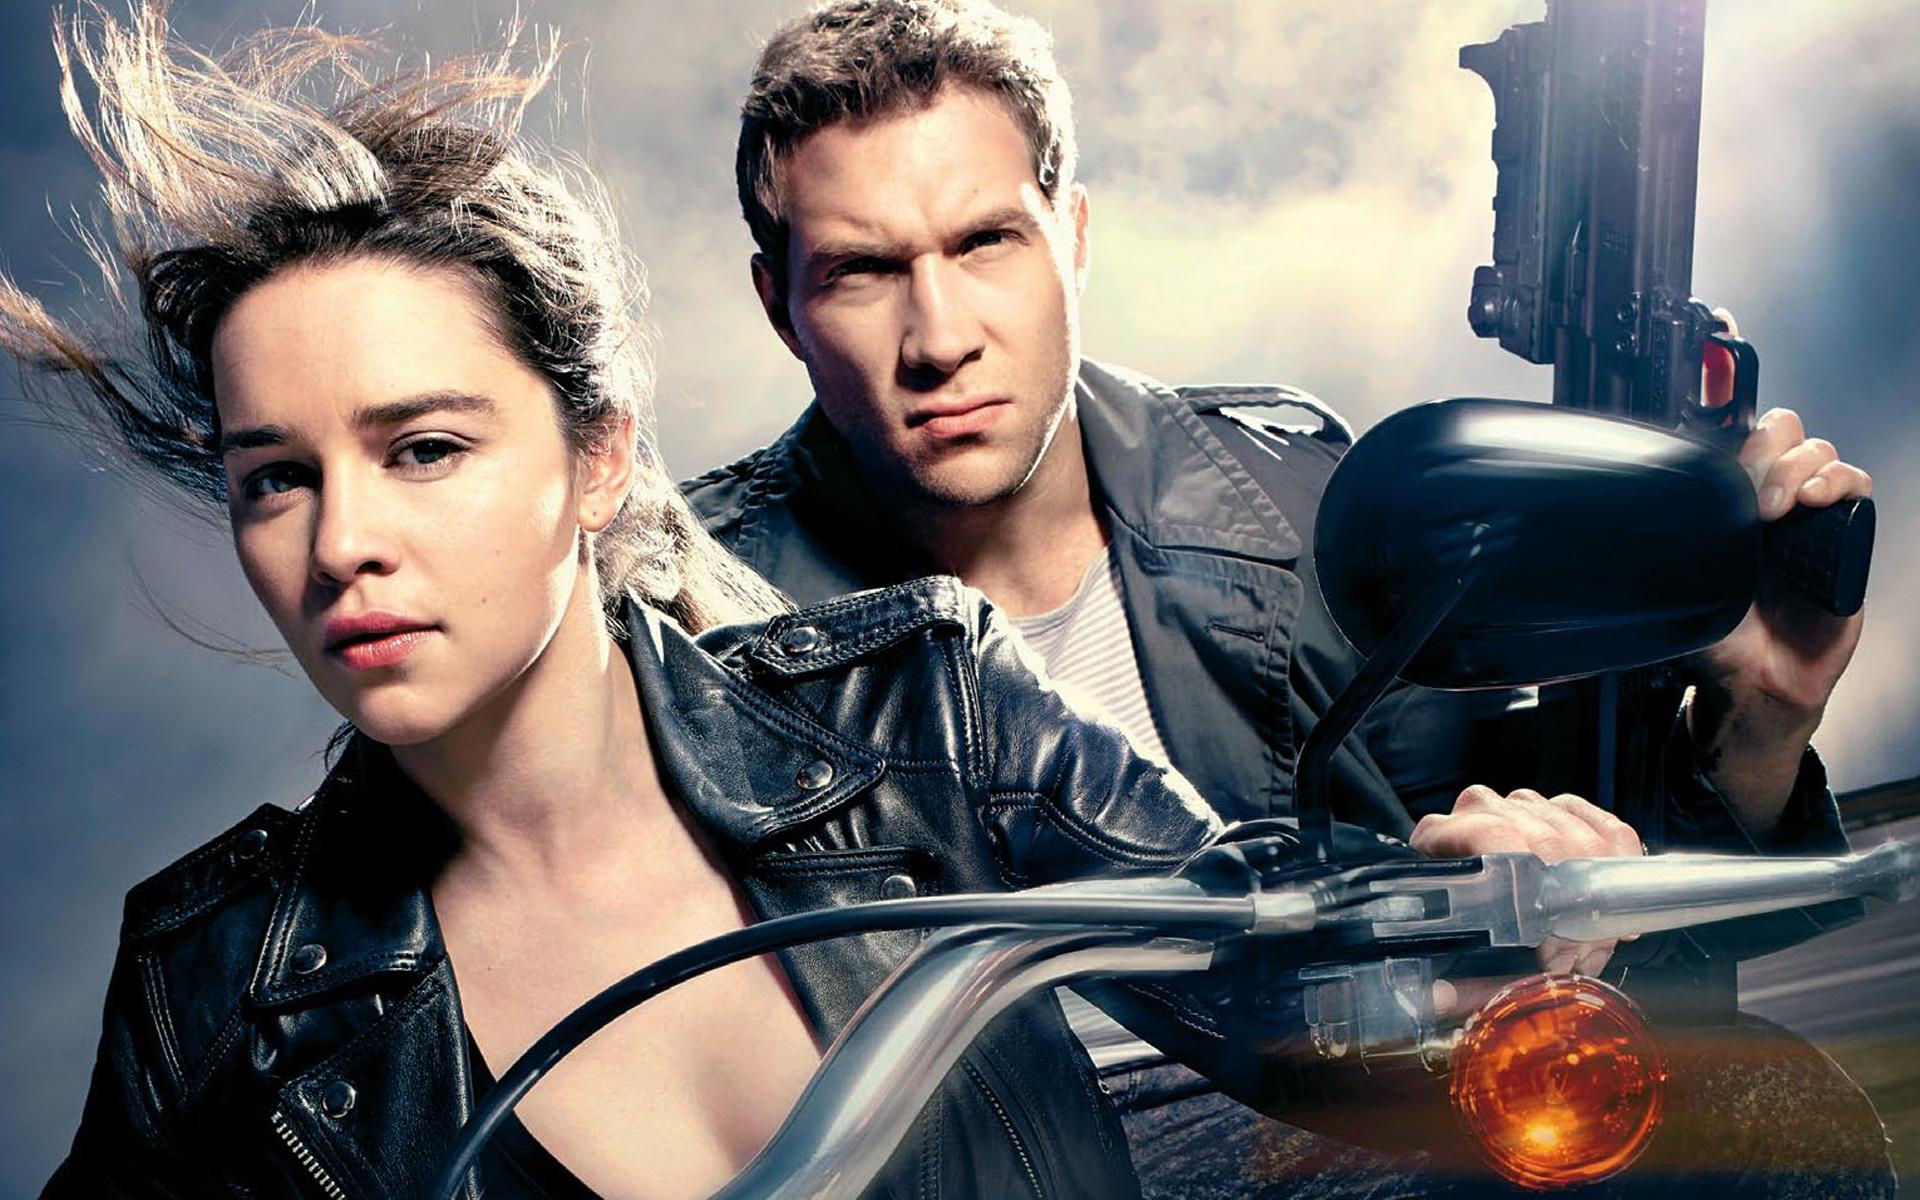 Ver Terminator 5: Génesis (2015) Online Película Completa Latino Español en HD